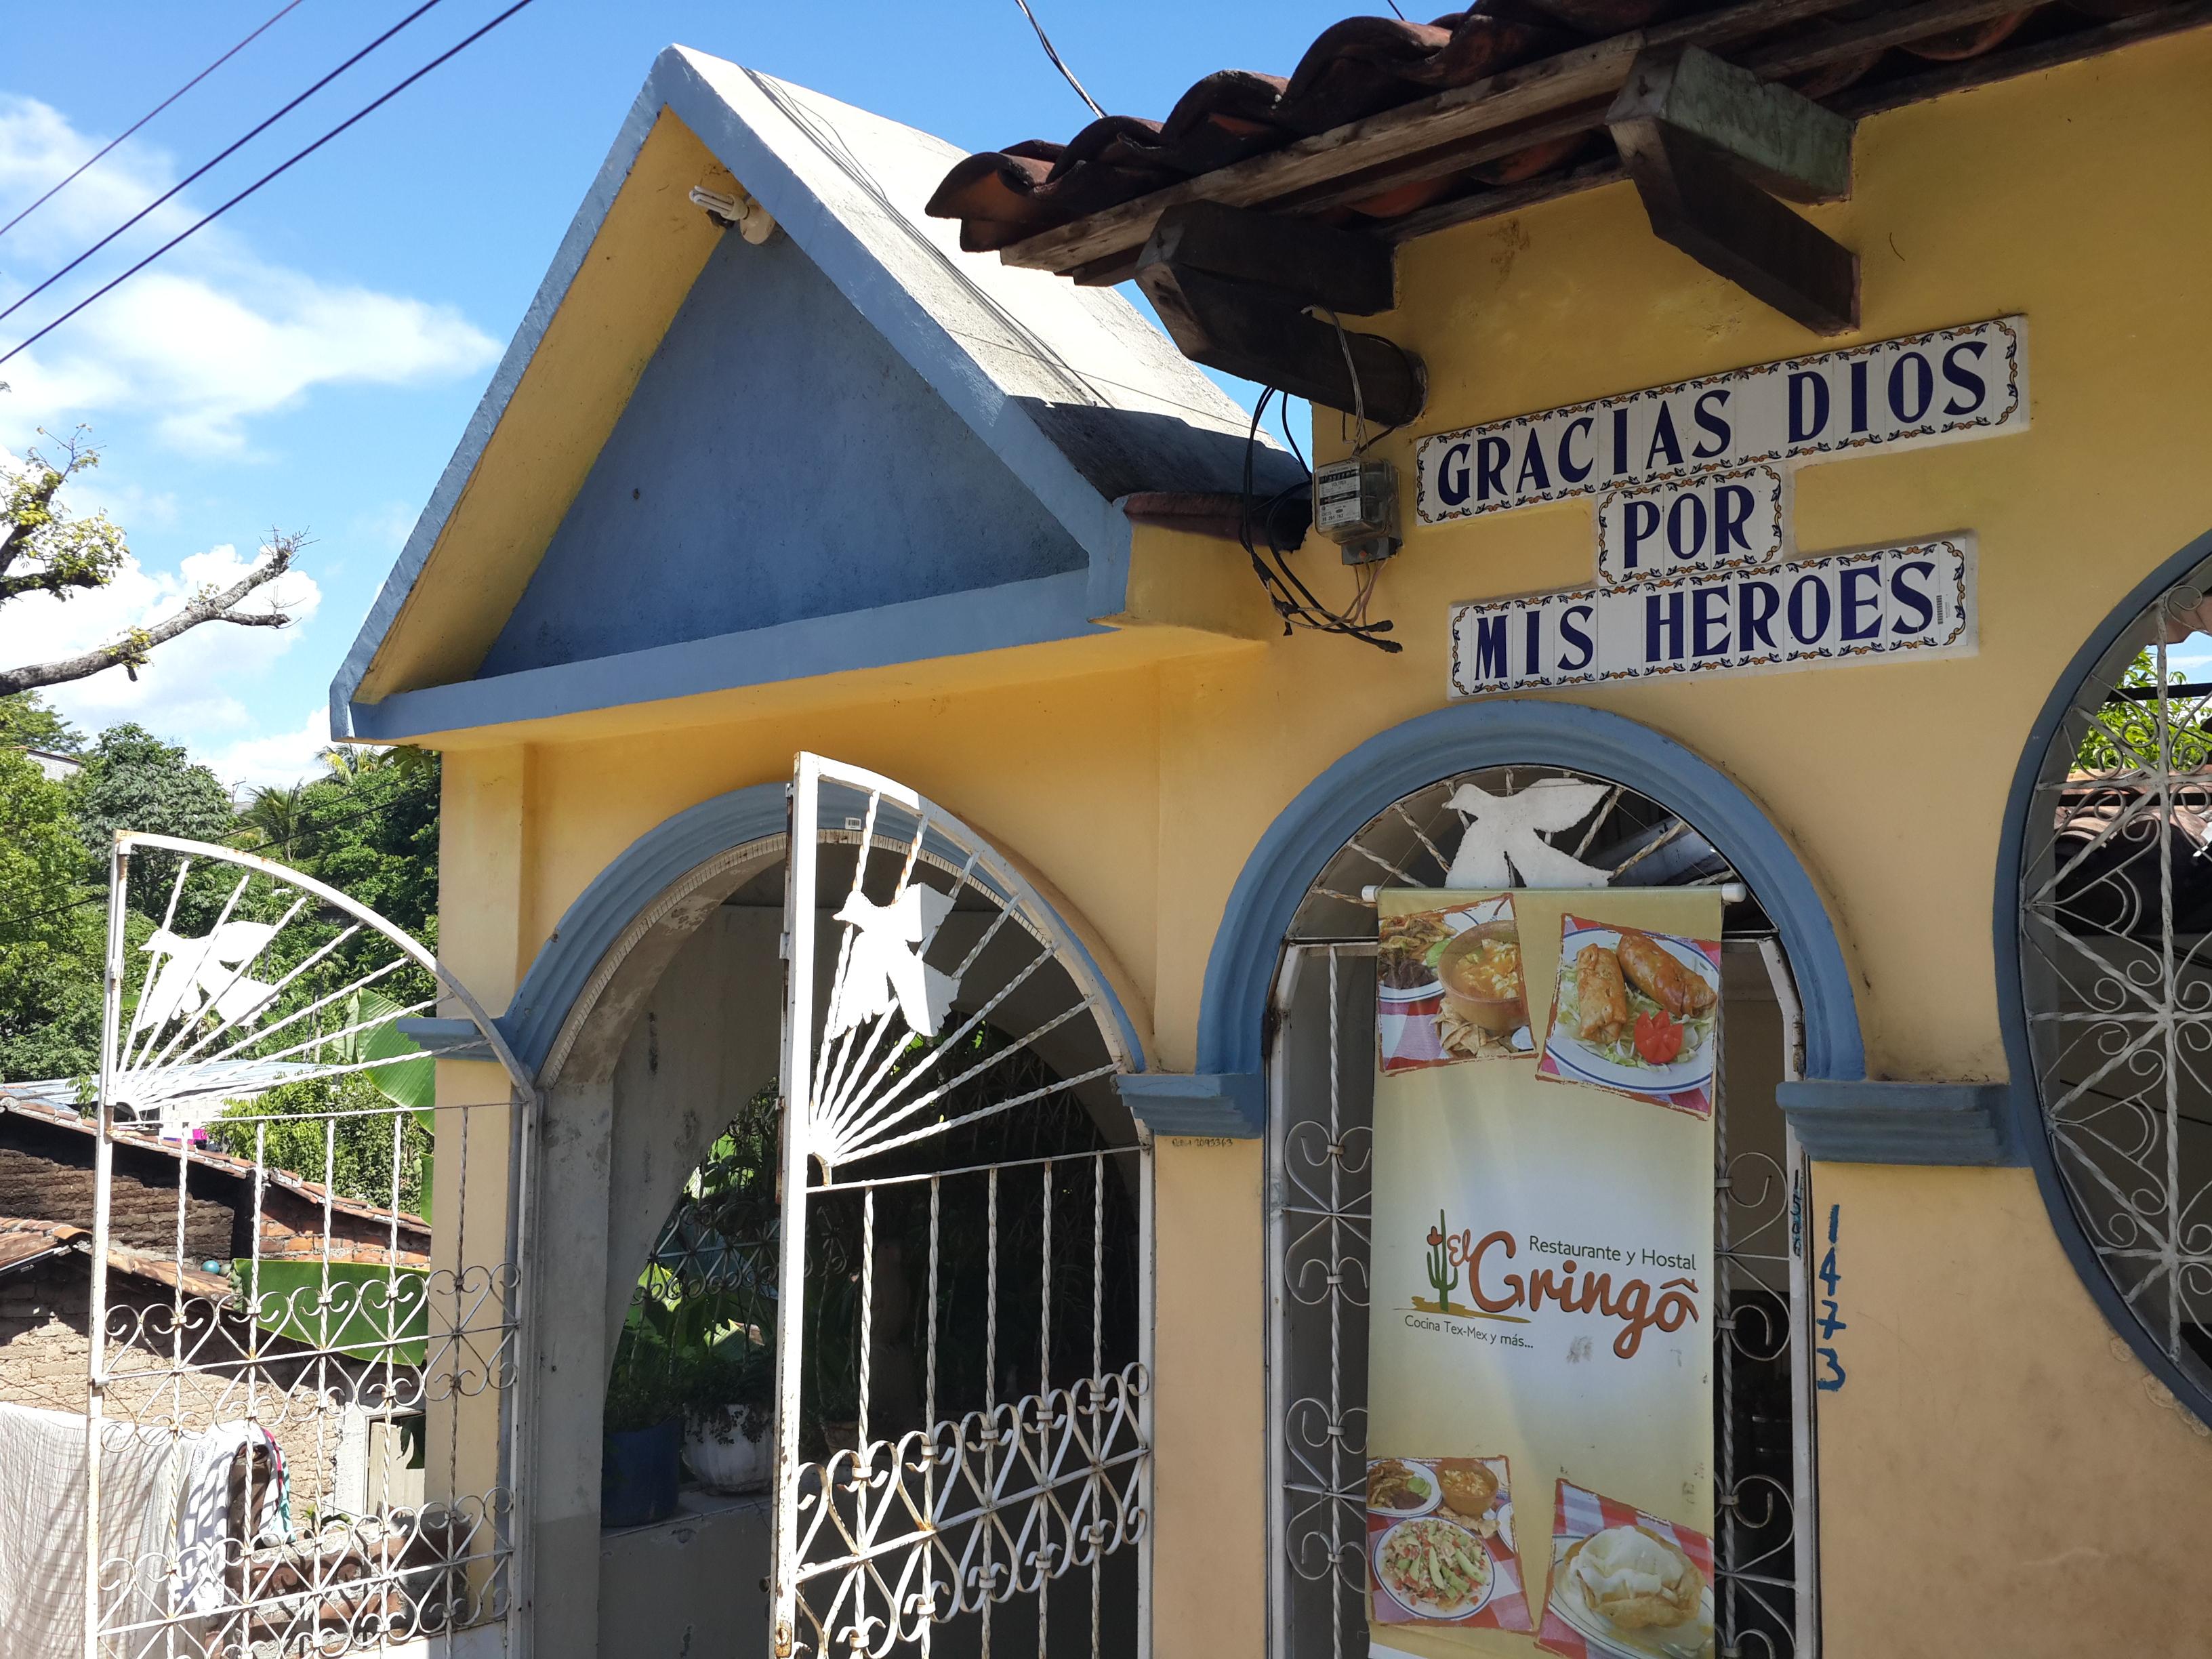 El Gringo Hostel